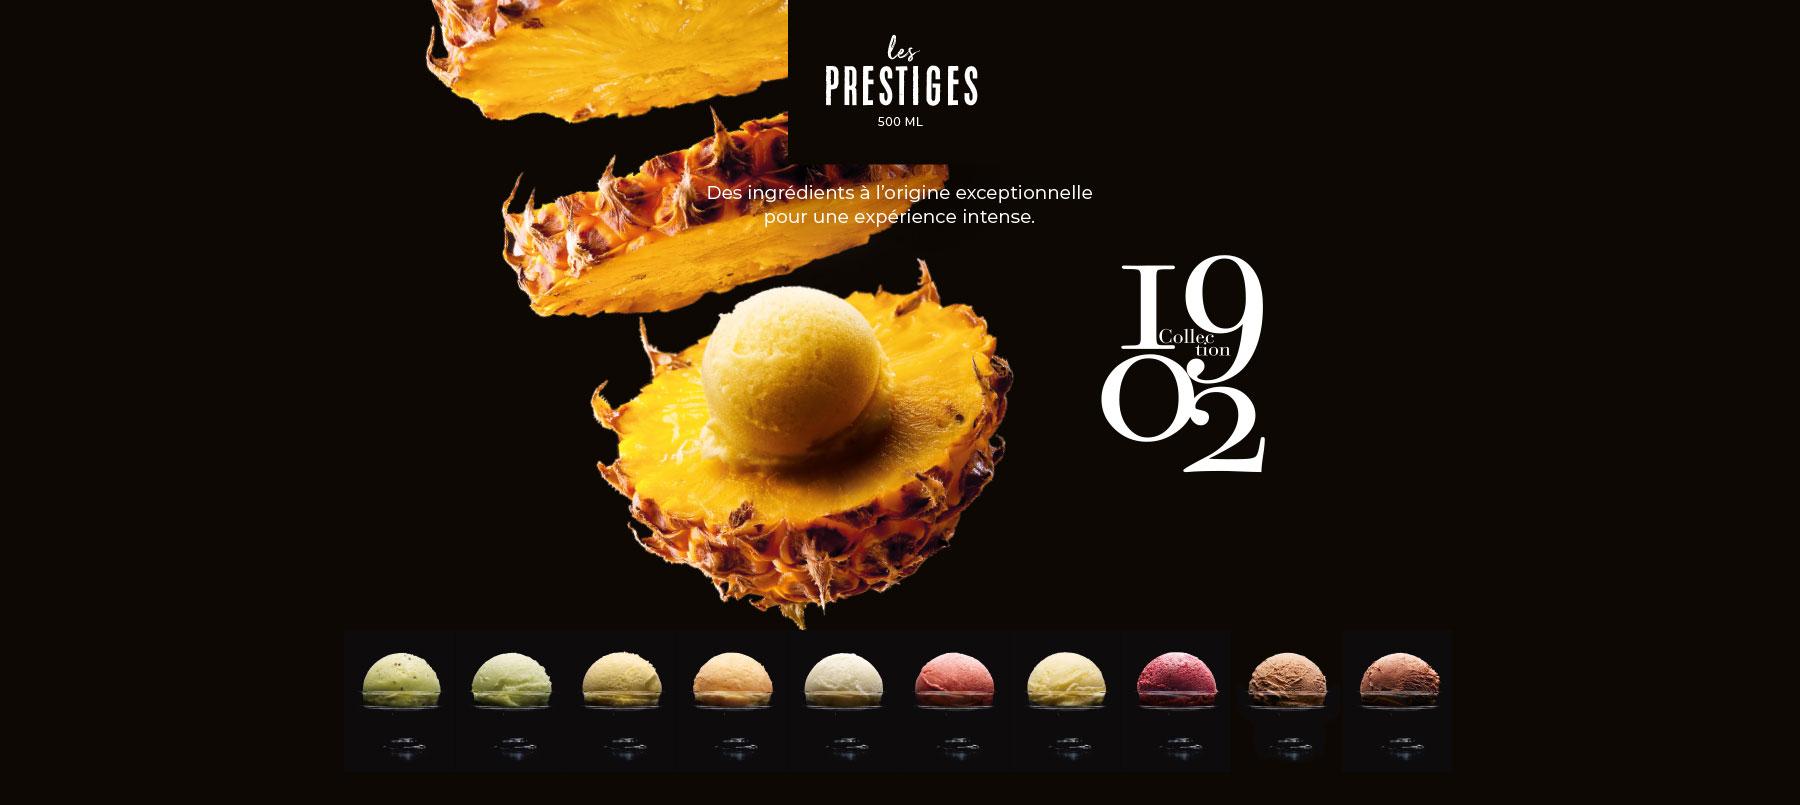 Les Prestiges, les glaces Collection 1902 de la Maison Thiriet